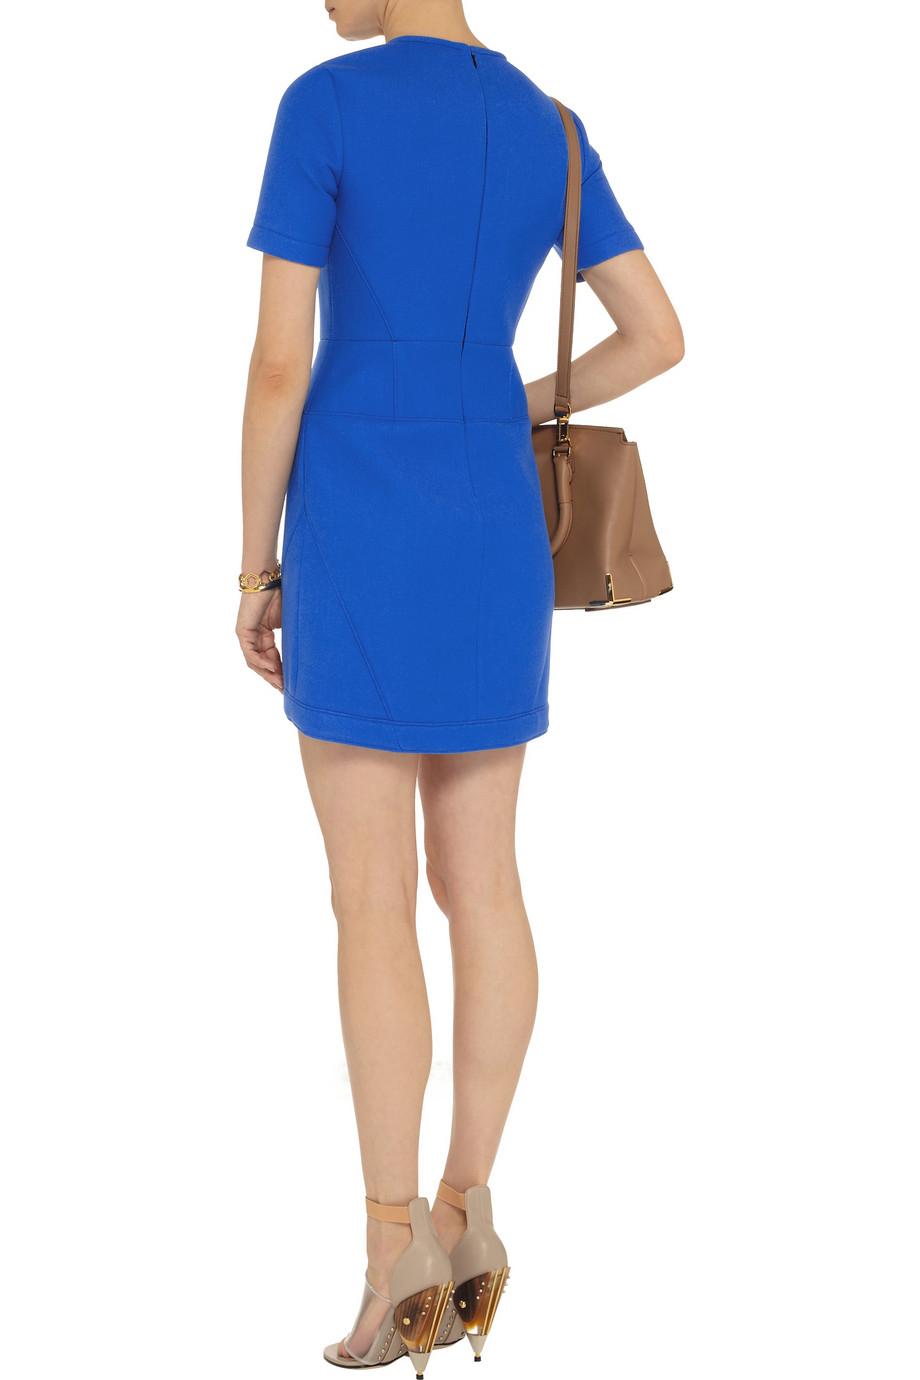 Tibi Scuba Jerseybacked Twill Mini Dress in Blue - Lyst